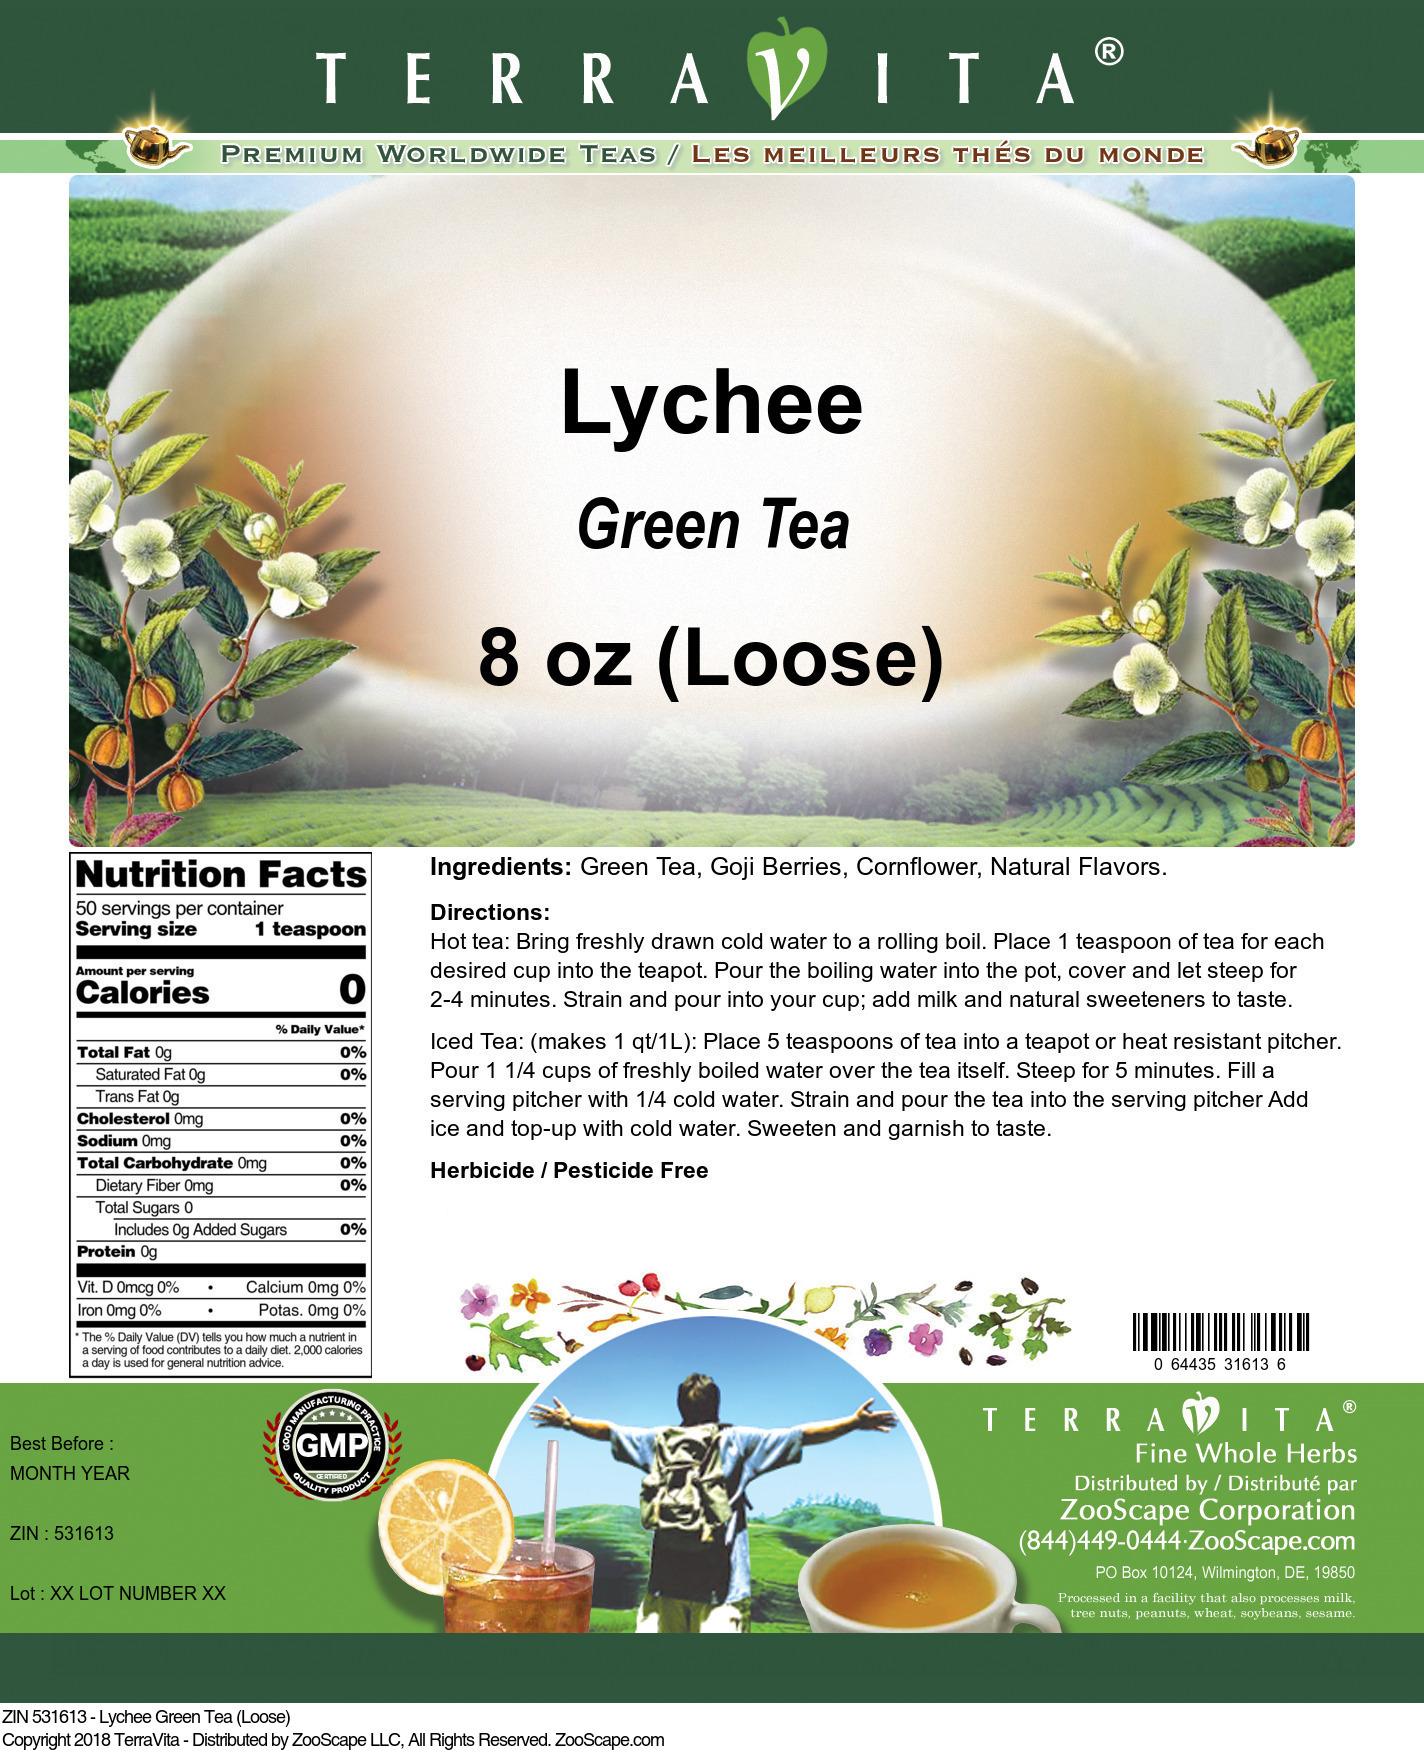 Lychee Green Tea (Loose)